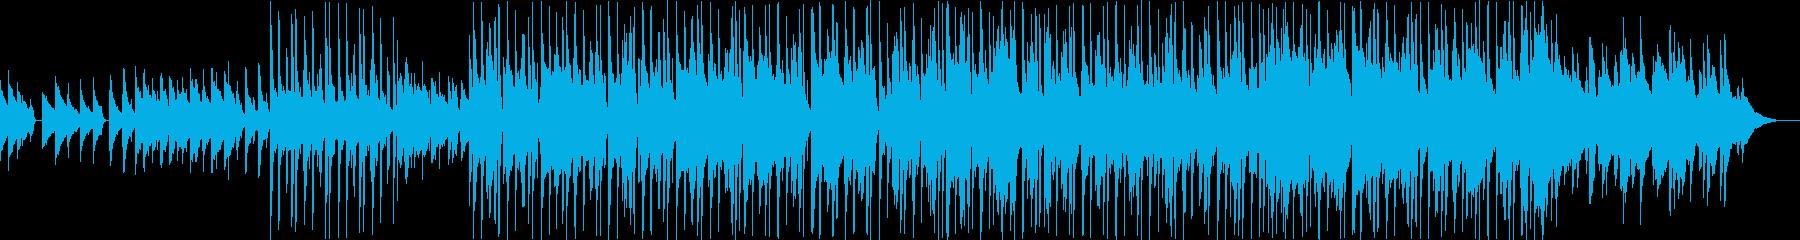 ボサノバが隠し味のオシャレなカフェBGMの再生済みの波形